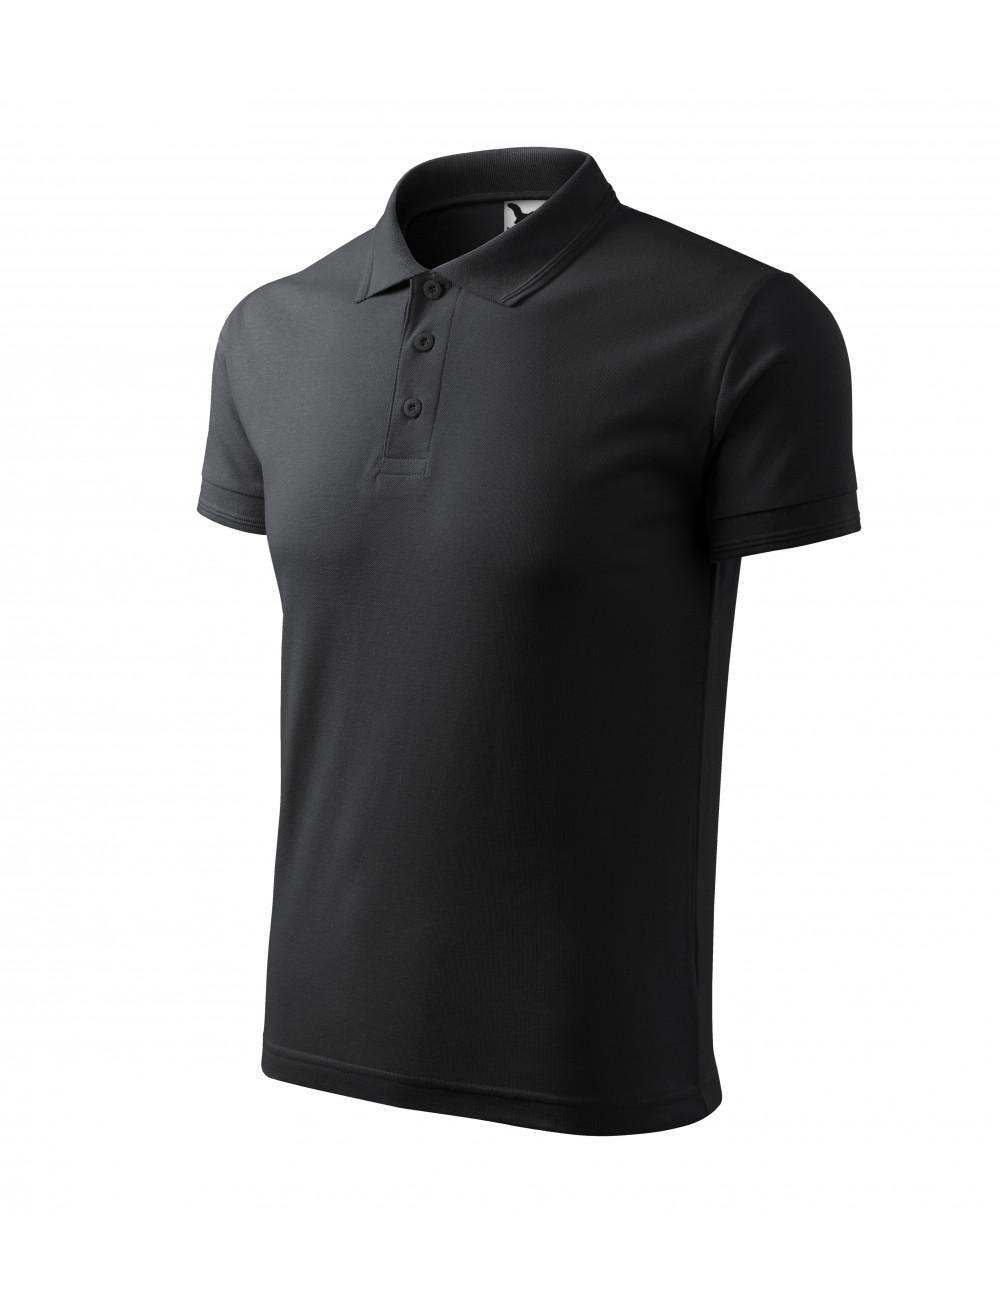 Adler MALFINI Koszulka polo męska Pique Polo 203 ebony gray